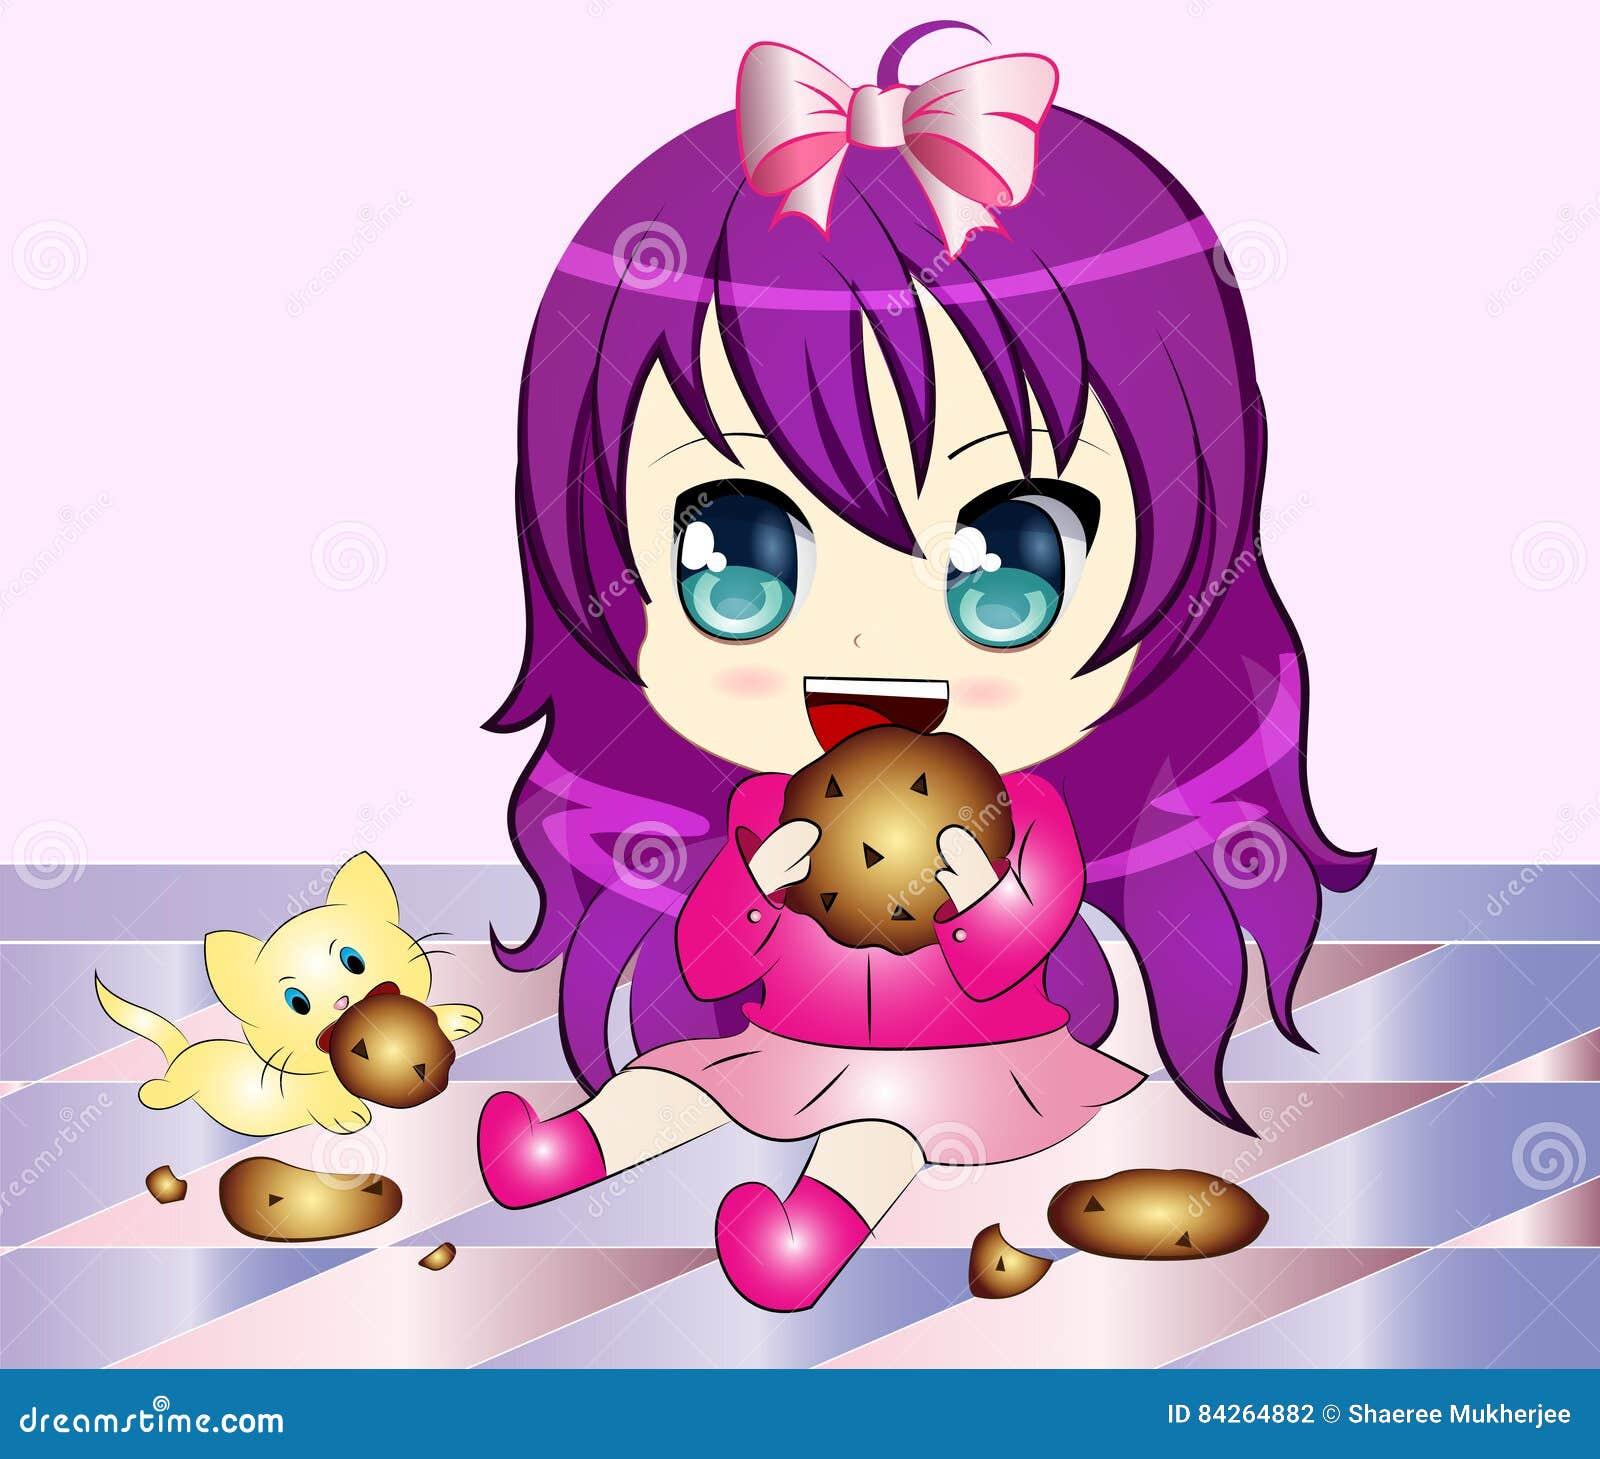 Cartoon Girl eating Cookie